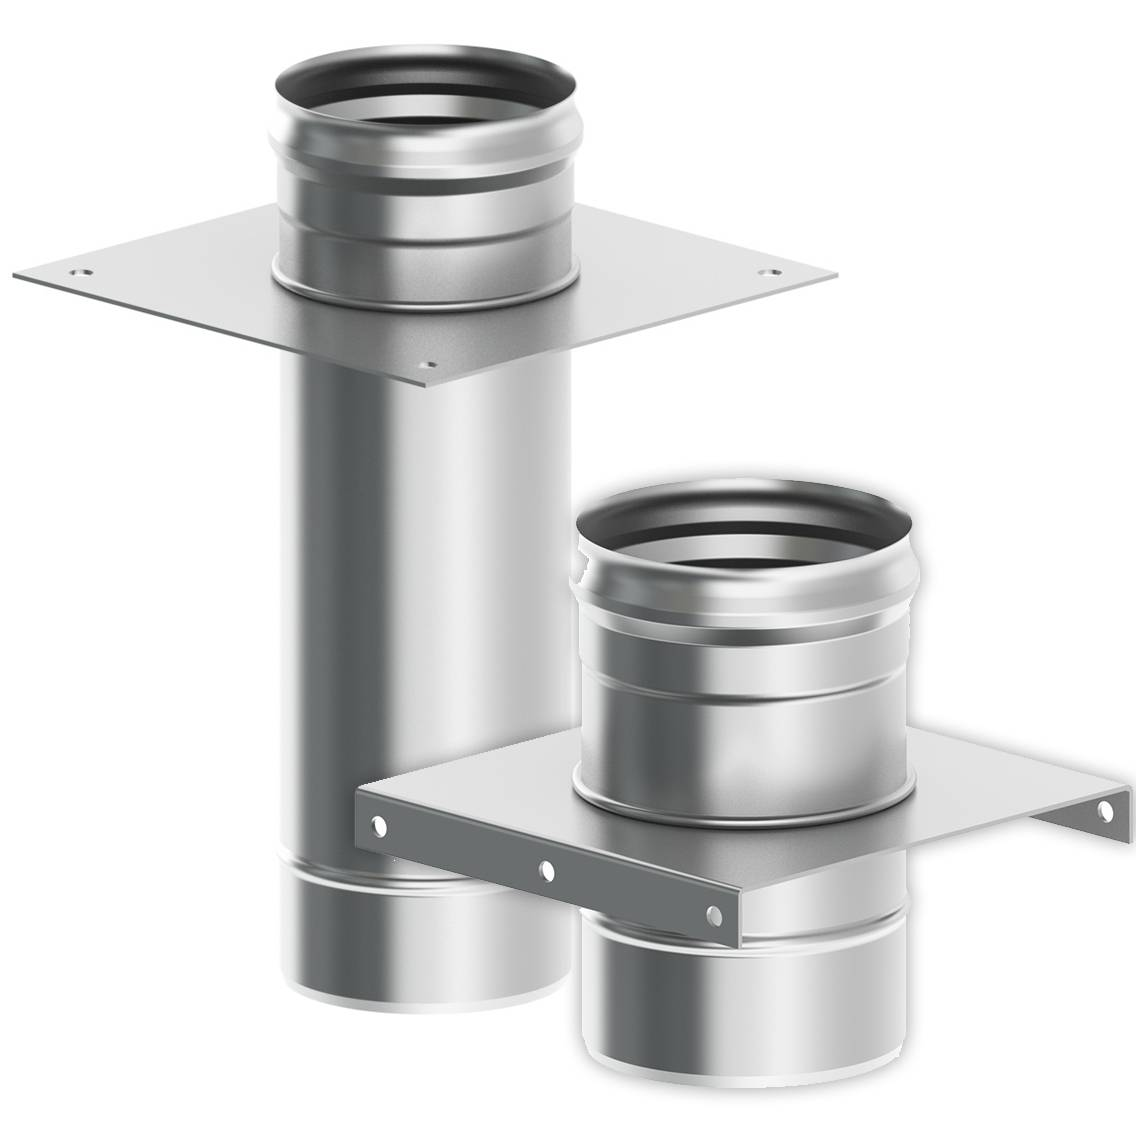 Трубы для дымохода: выбор материала и монтаж